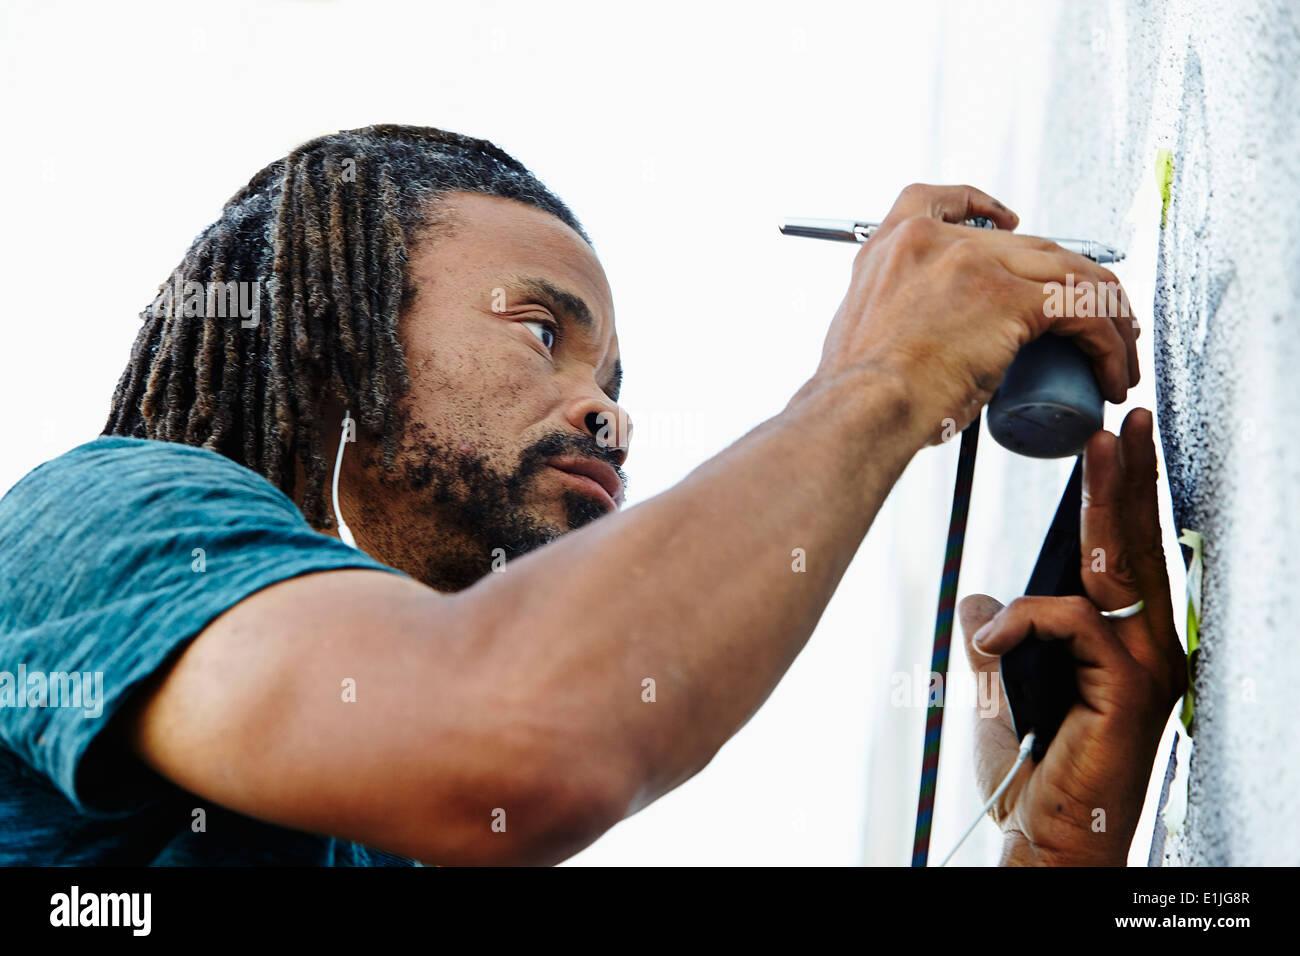 Cerca de hombres afroamericanos artista aerógrafo pintura mural Imagen De Stock